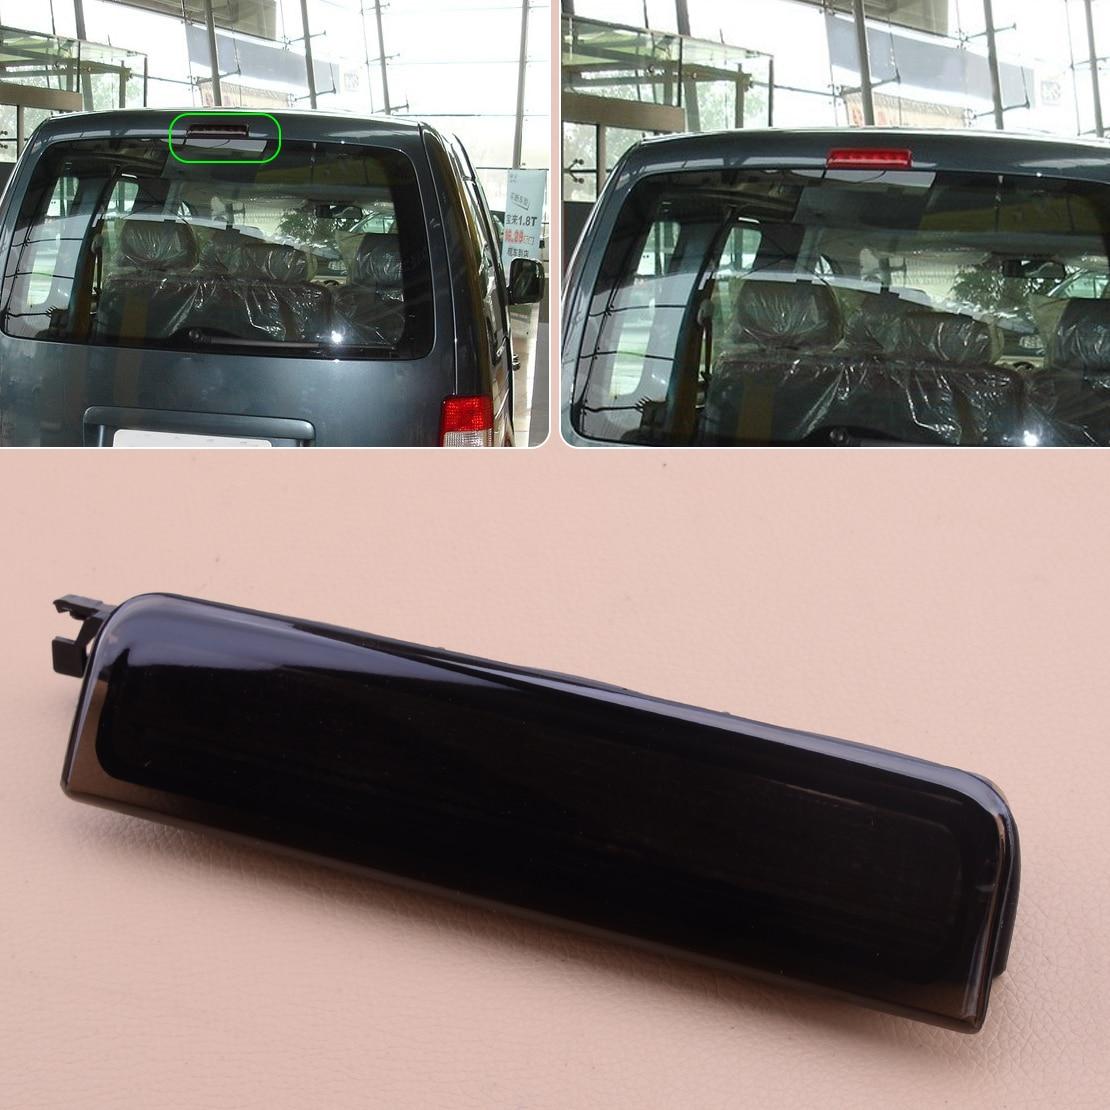 Задний стоп-сигнал 2K0945087C 3-го уровня, задний стоп-сигнал, подходит для VW Caddy MK3